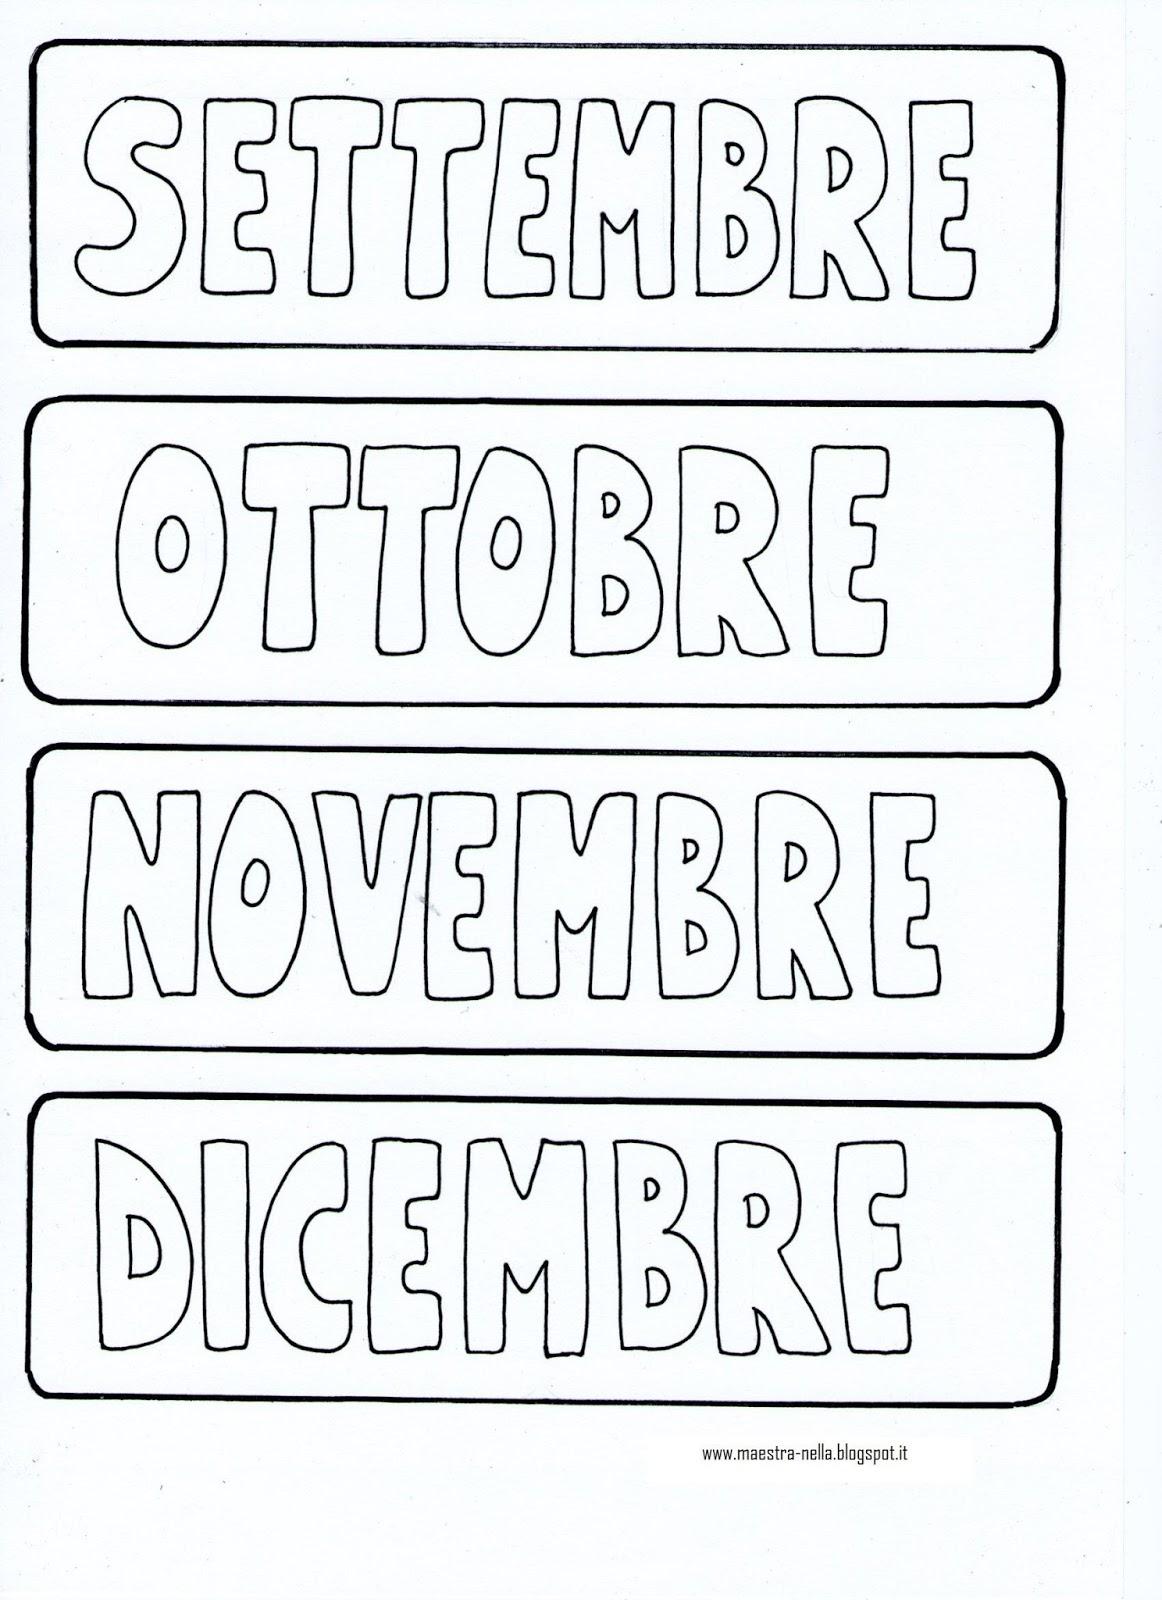 Estremamente maestra Nella: Il calendario ML26